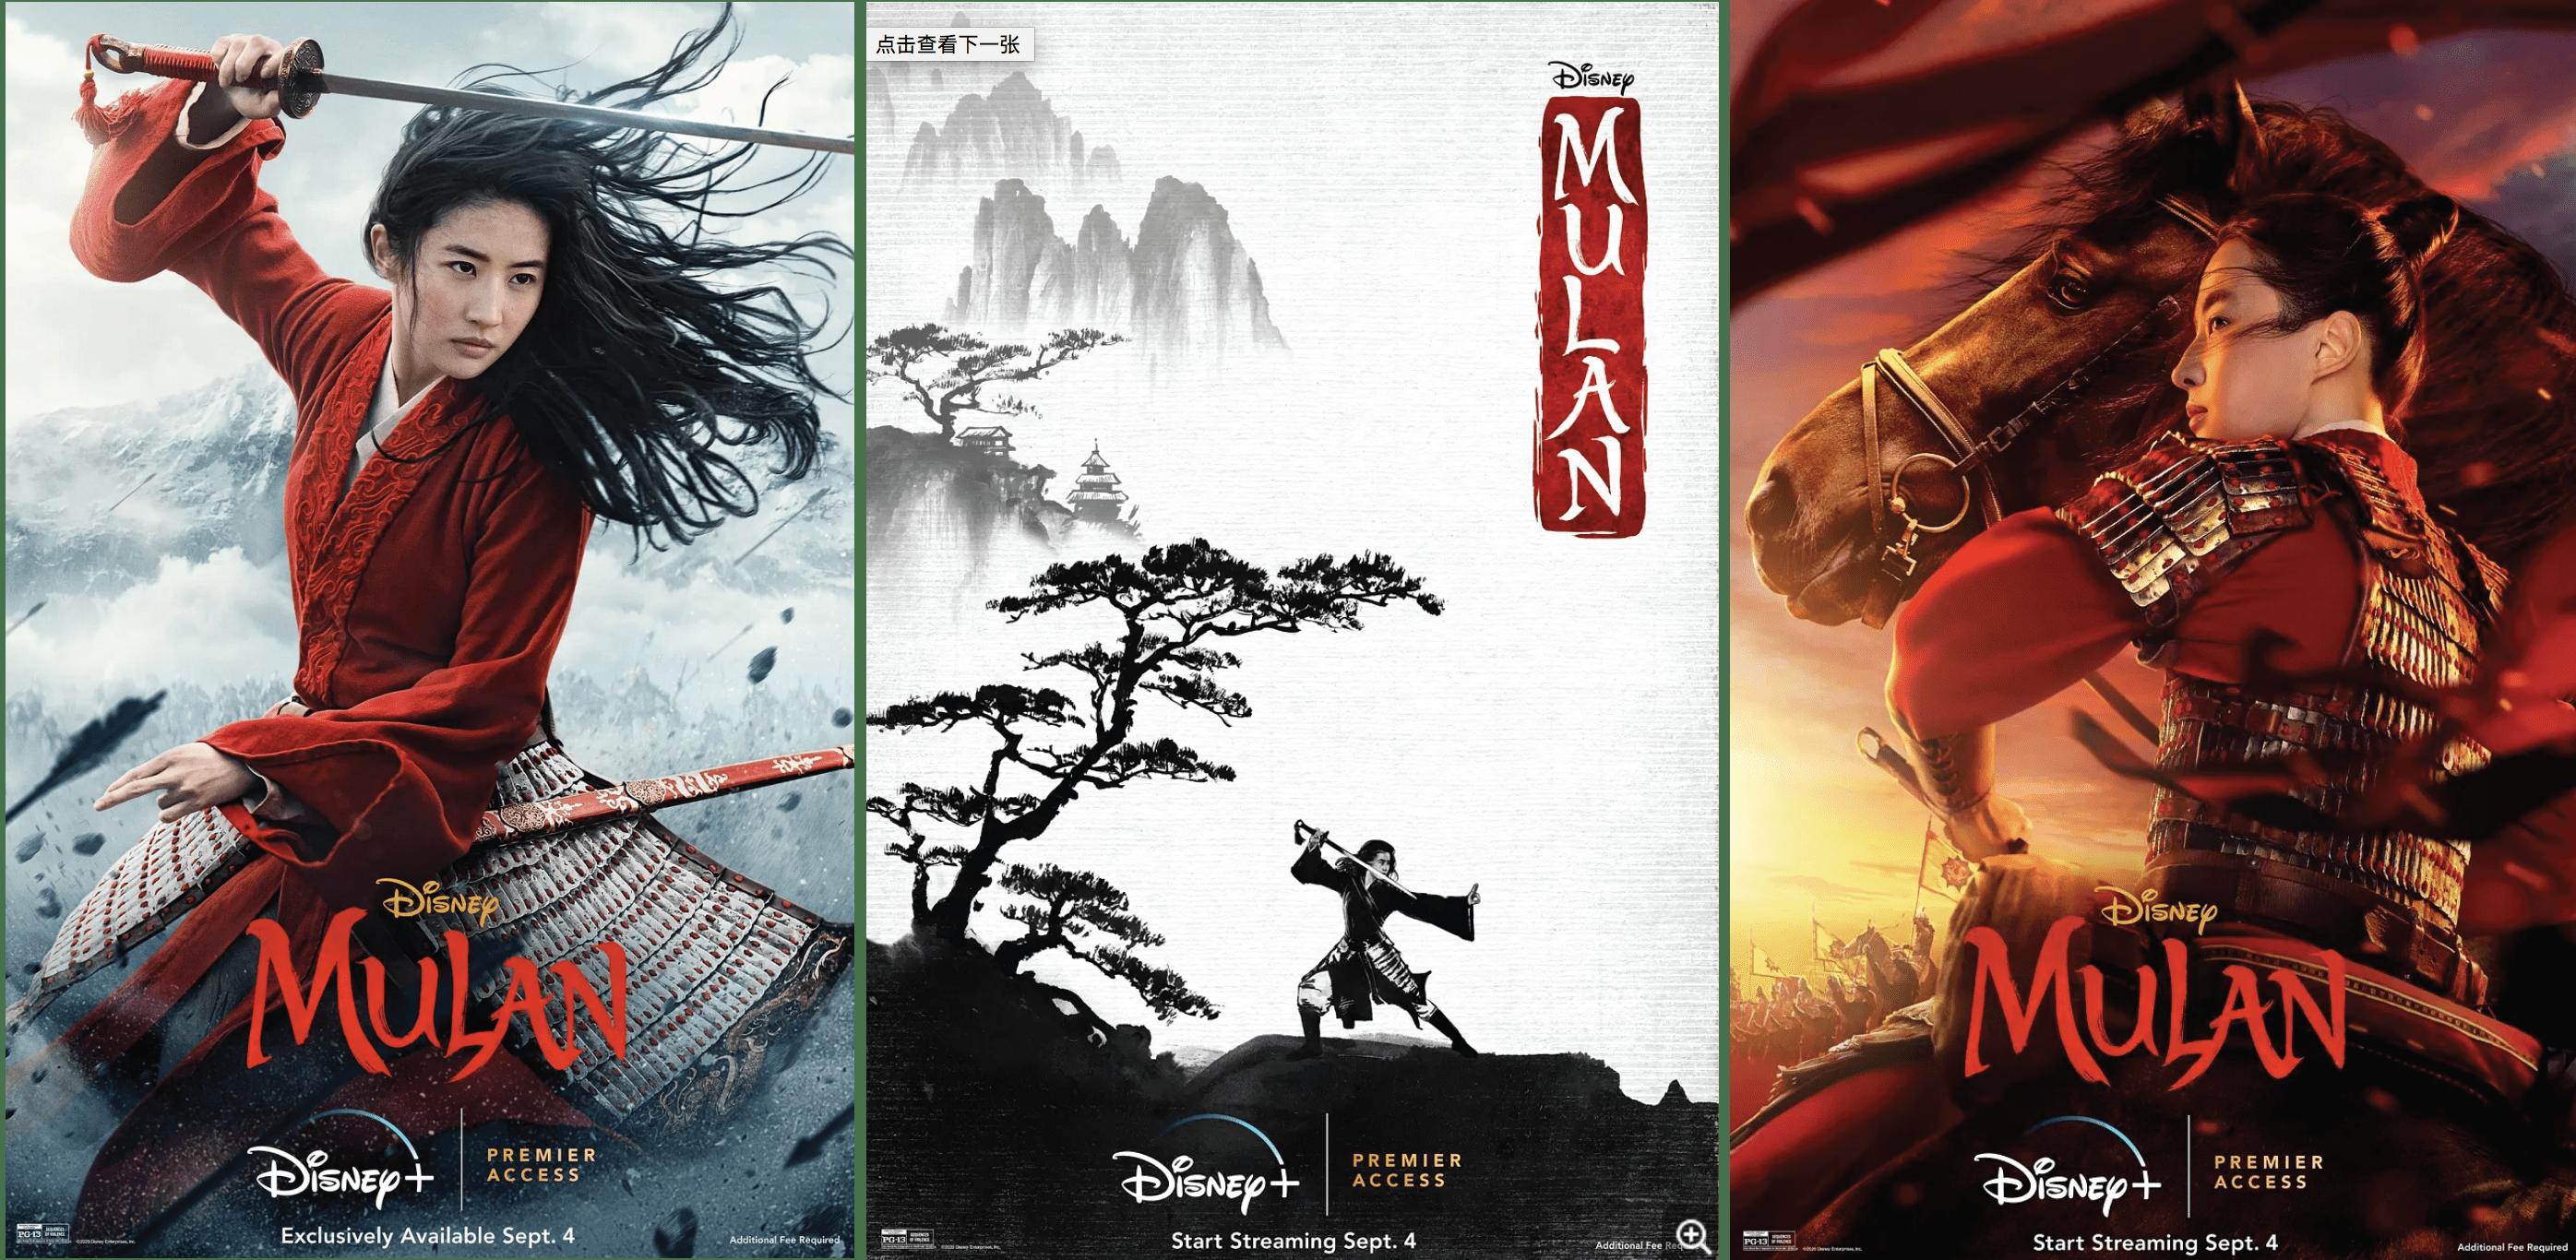 English-language Mulan posters